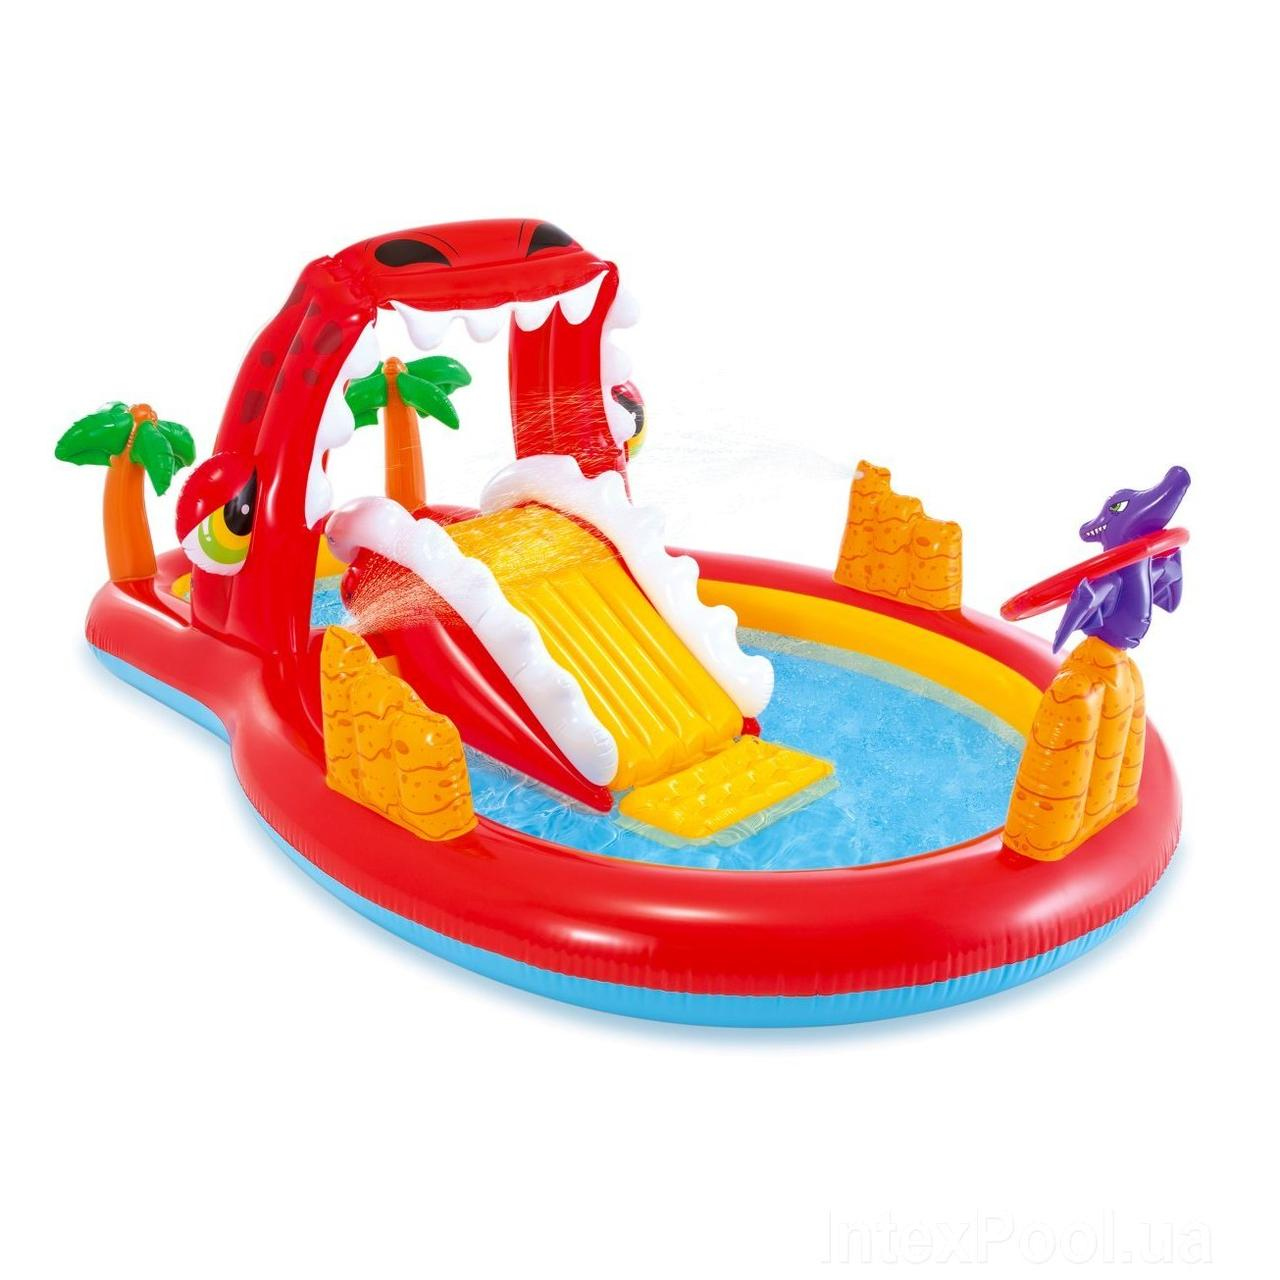 Надувной детский игровой центр бассейн Intex 57160 «Счастливий Дино» с горкой